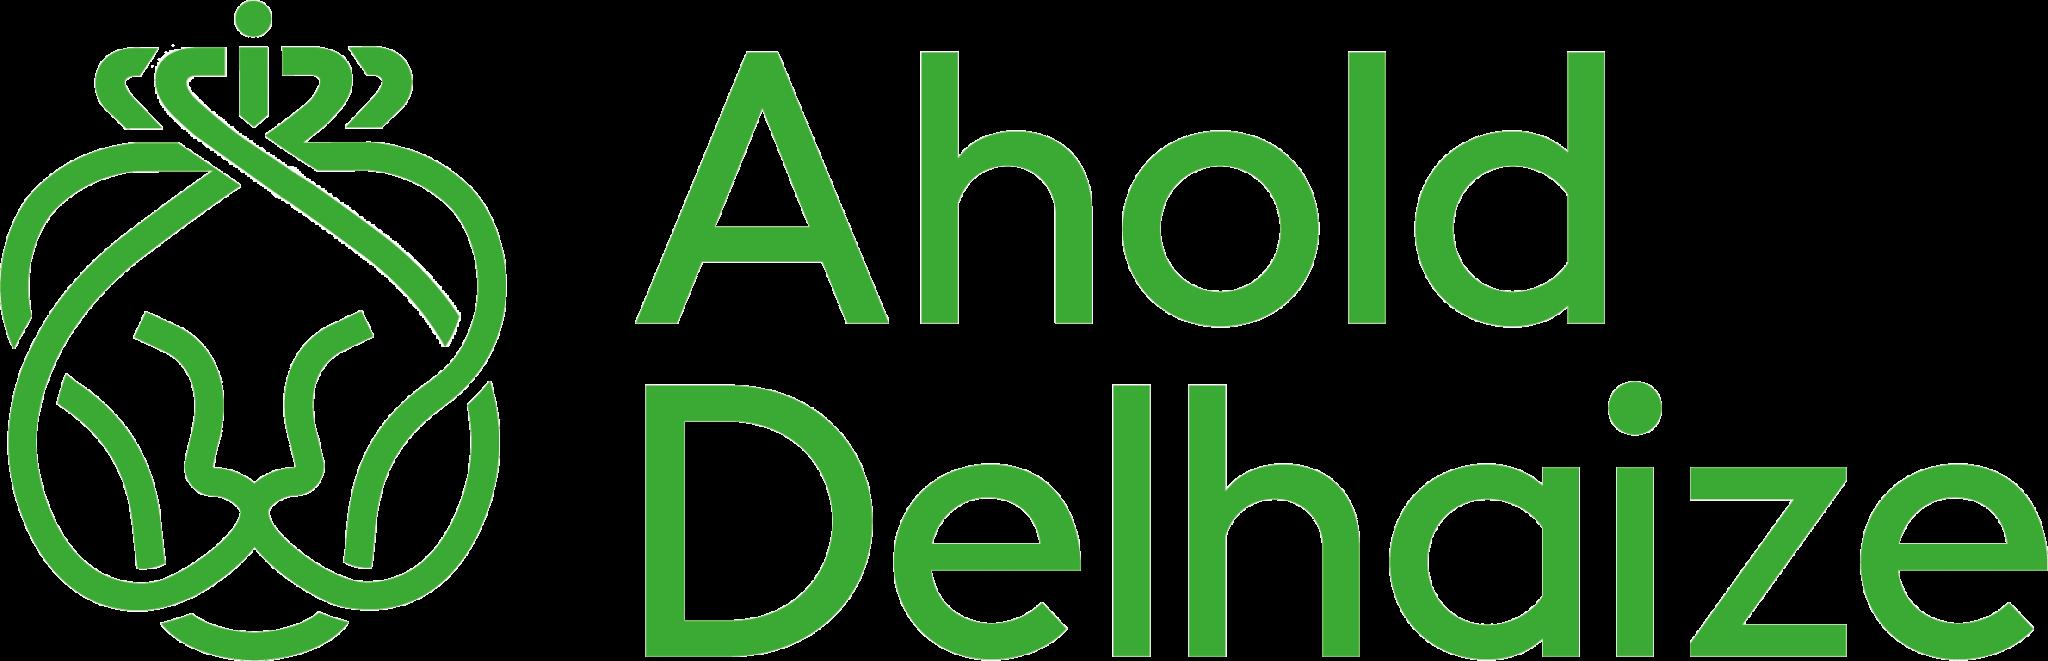 https://retailspacesolutions.com/wp-content/uploads/2020/01/ahold-delhaize-logo.png Logo